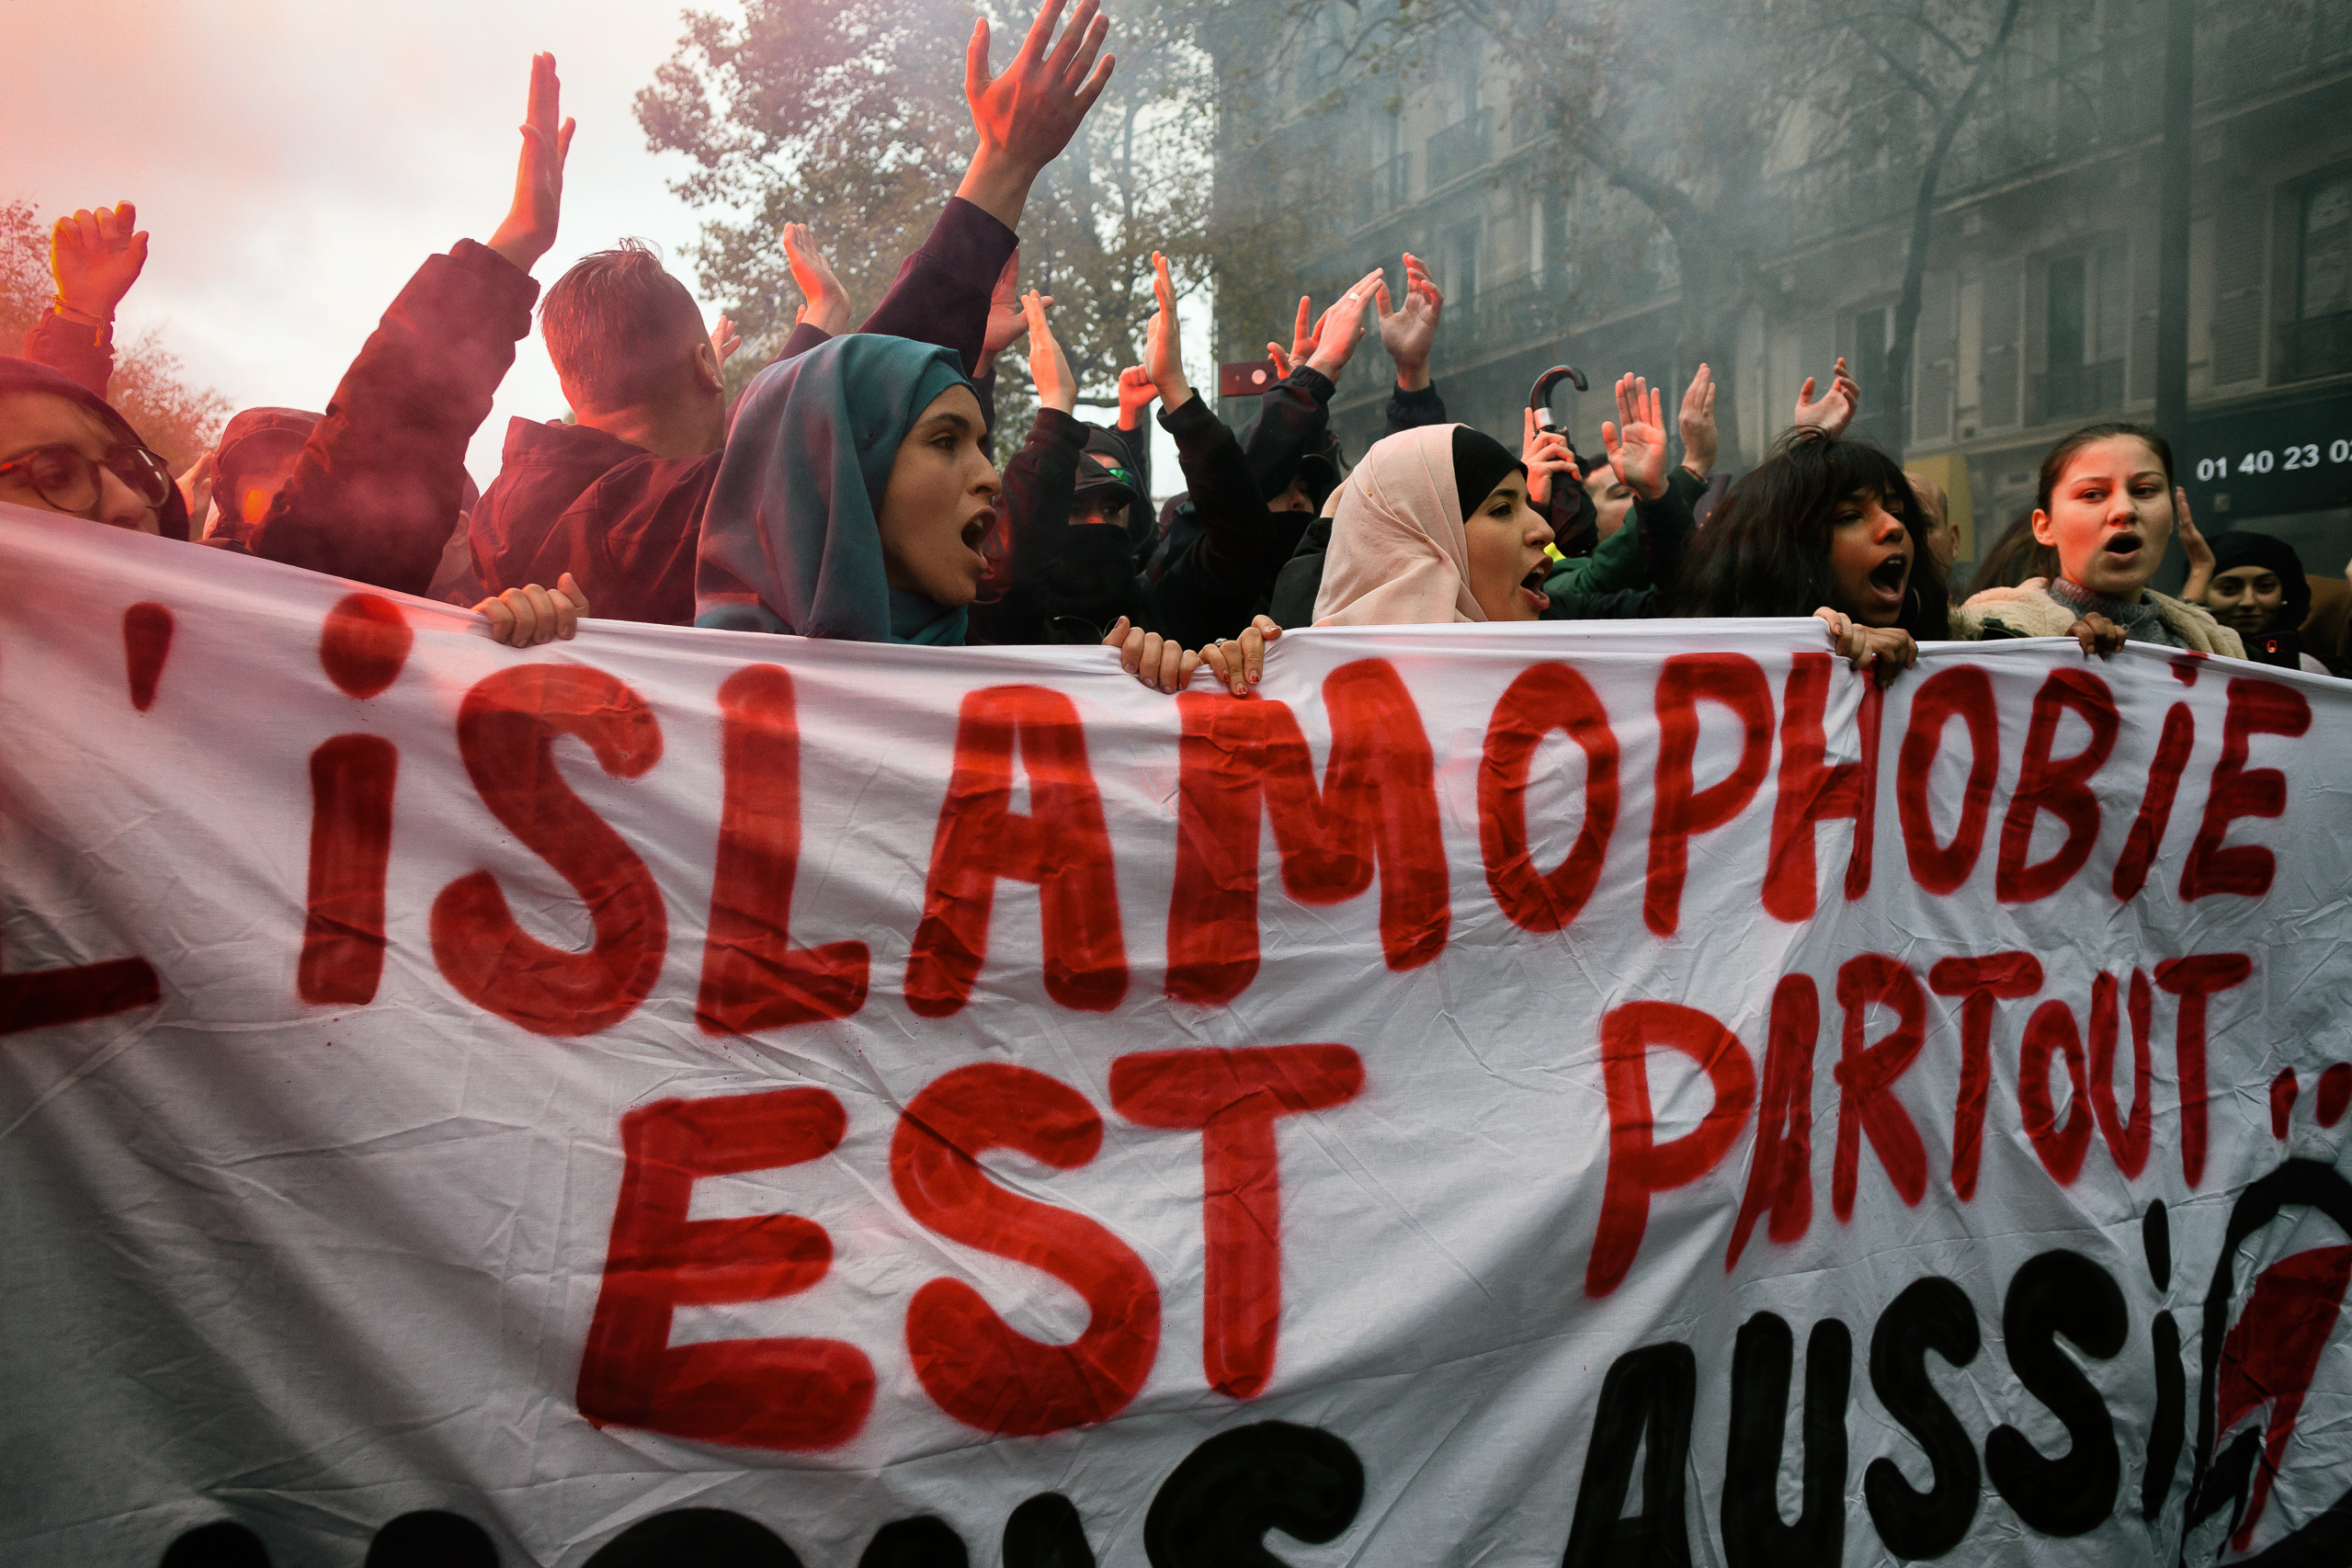 """Die Jagd auf Muslim*innen und """"Islamo-Linksradikale"""" ist eröffnet, verantwortlich ist Regierung"""